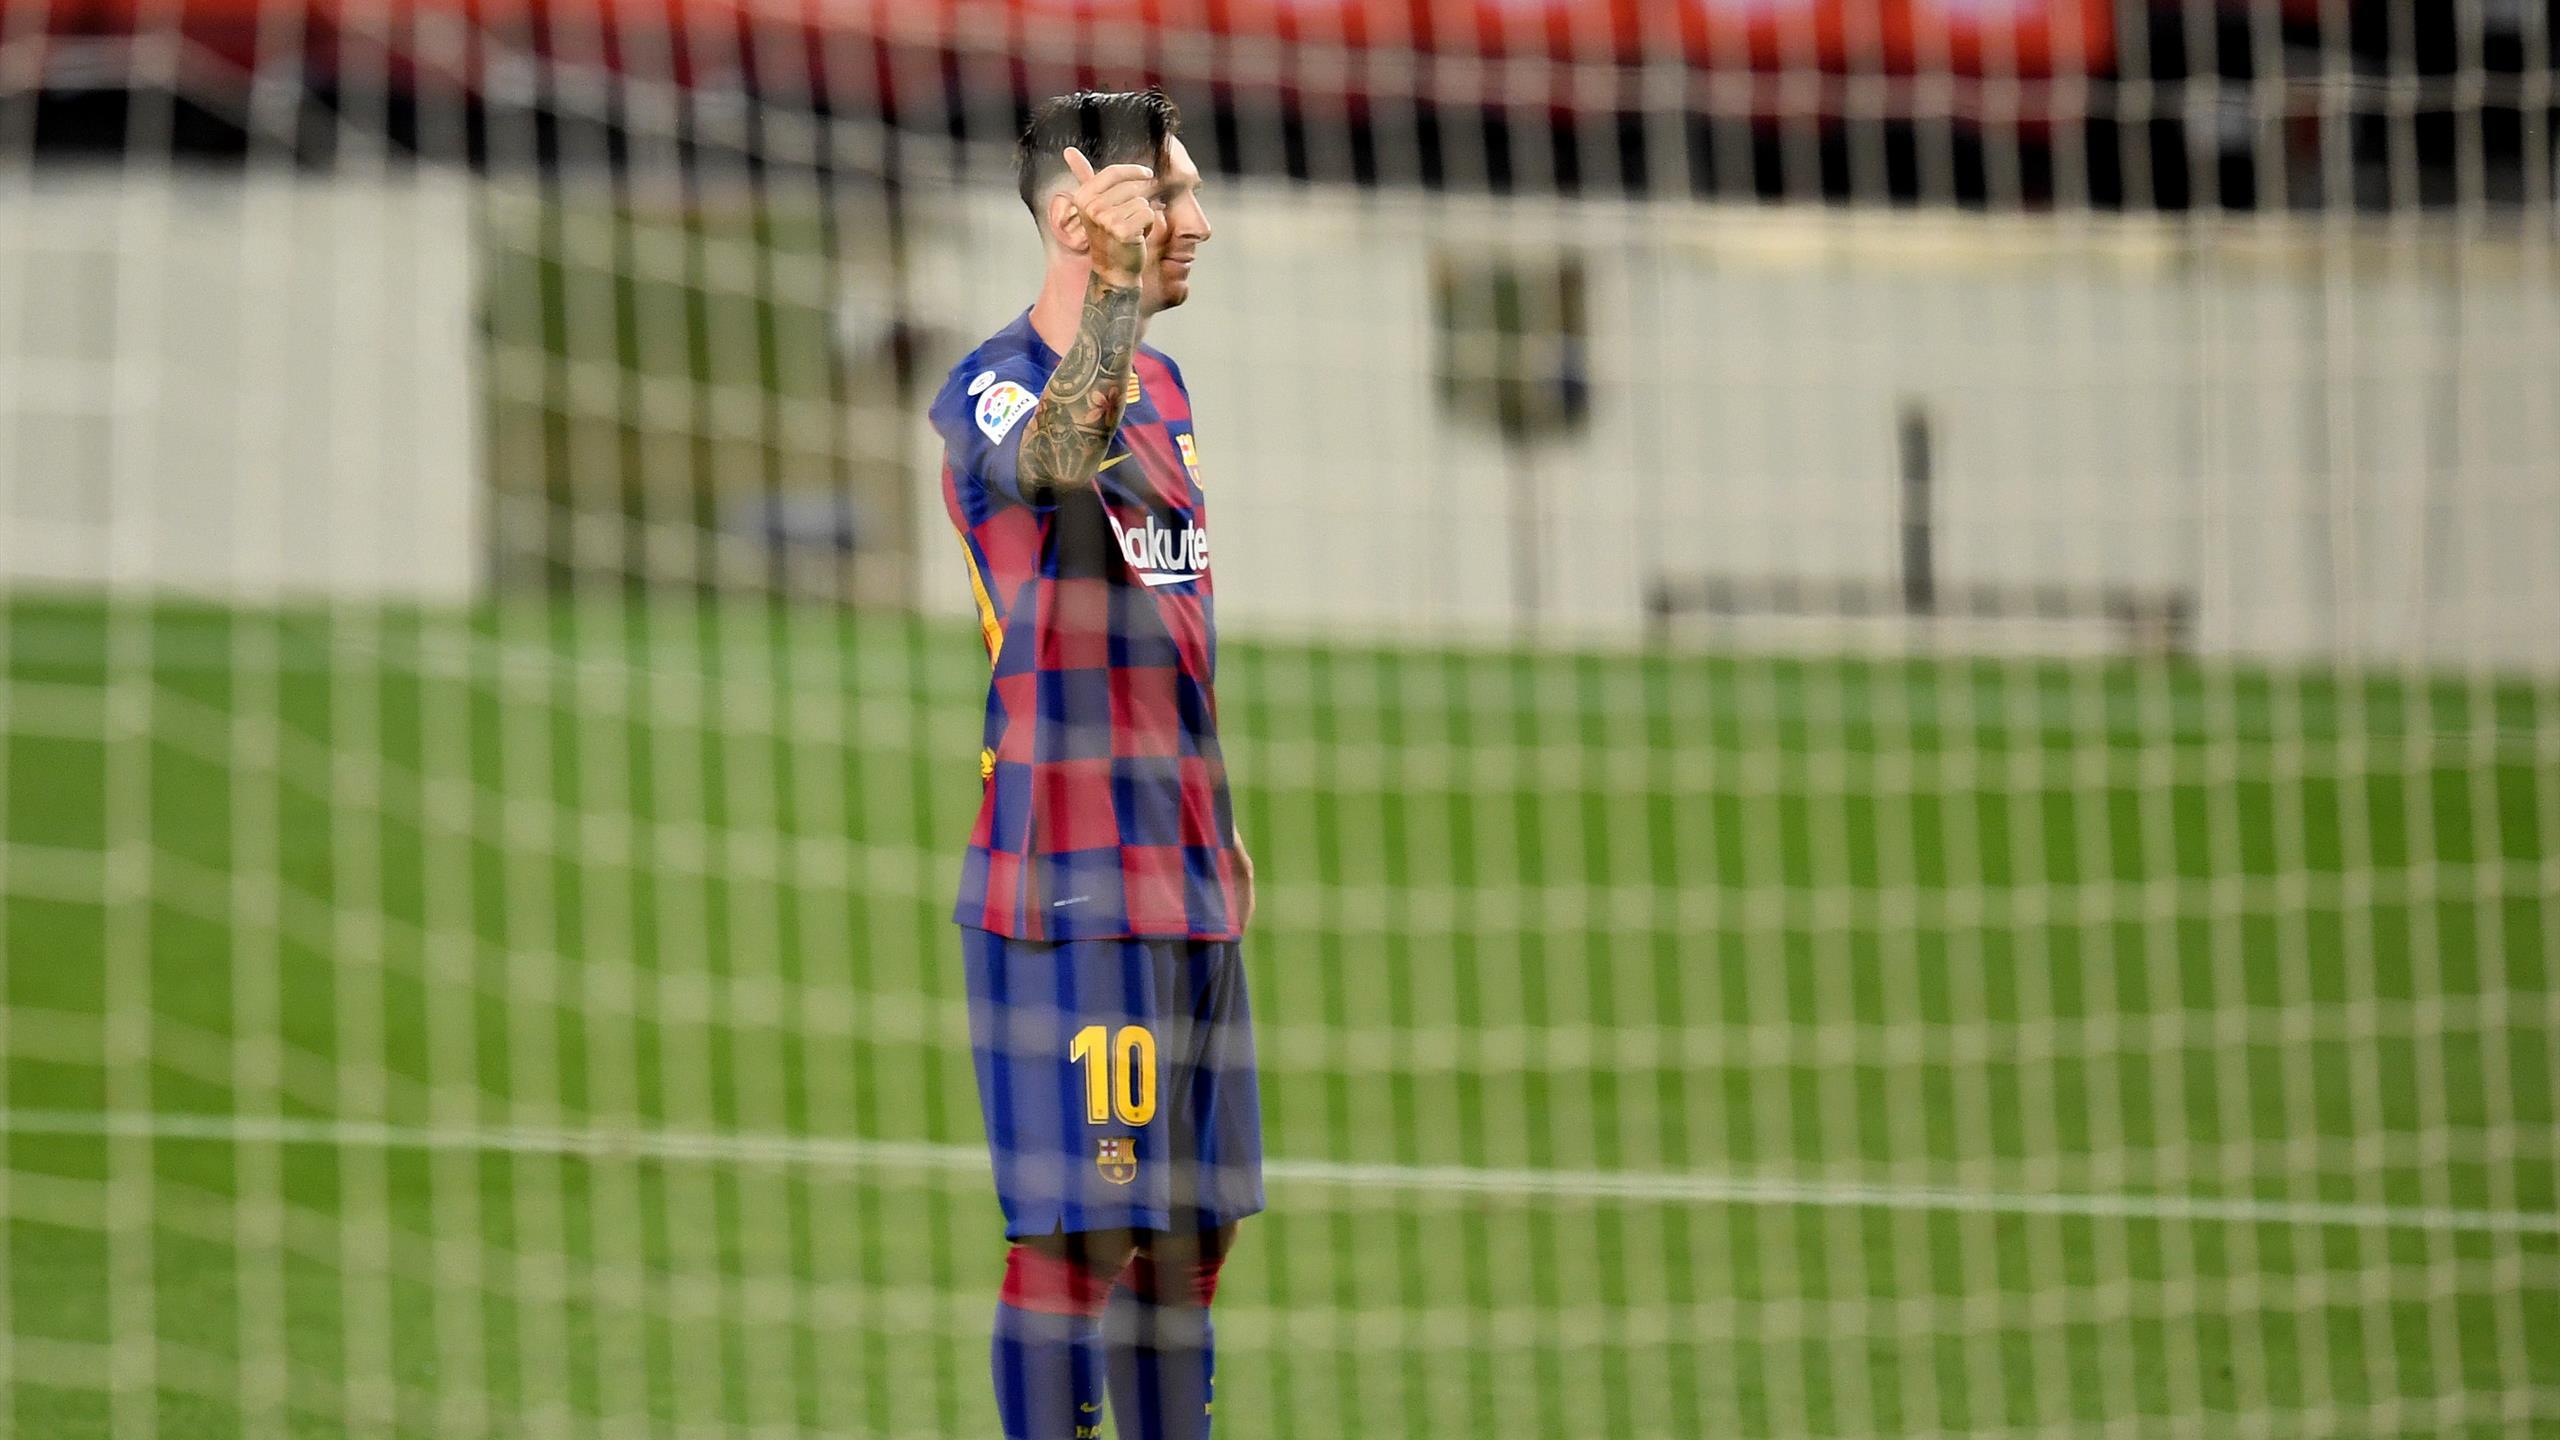 Goal: окружение Месси намеренно вбросило информацию о его уходе – Лео недоволен Бартомеу